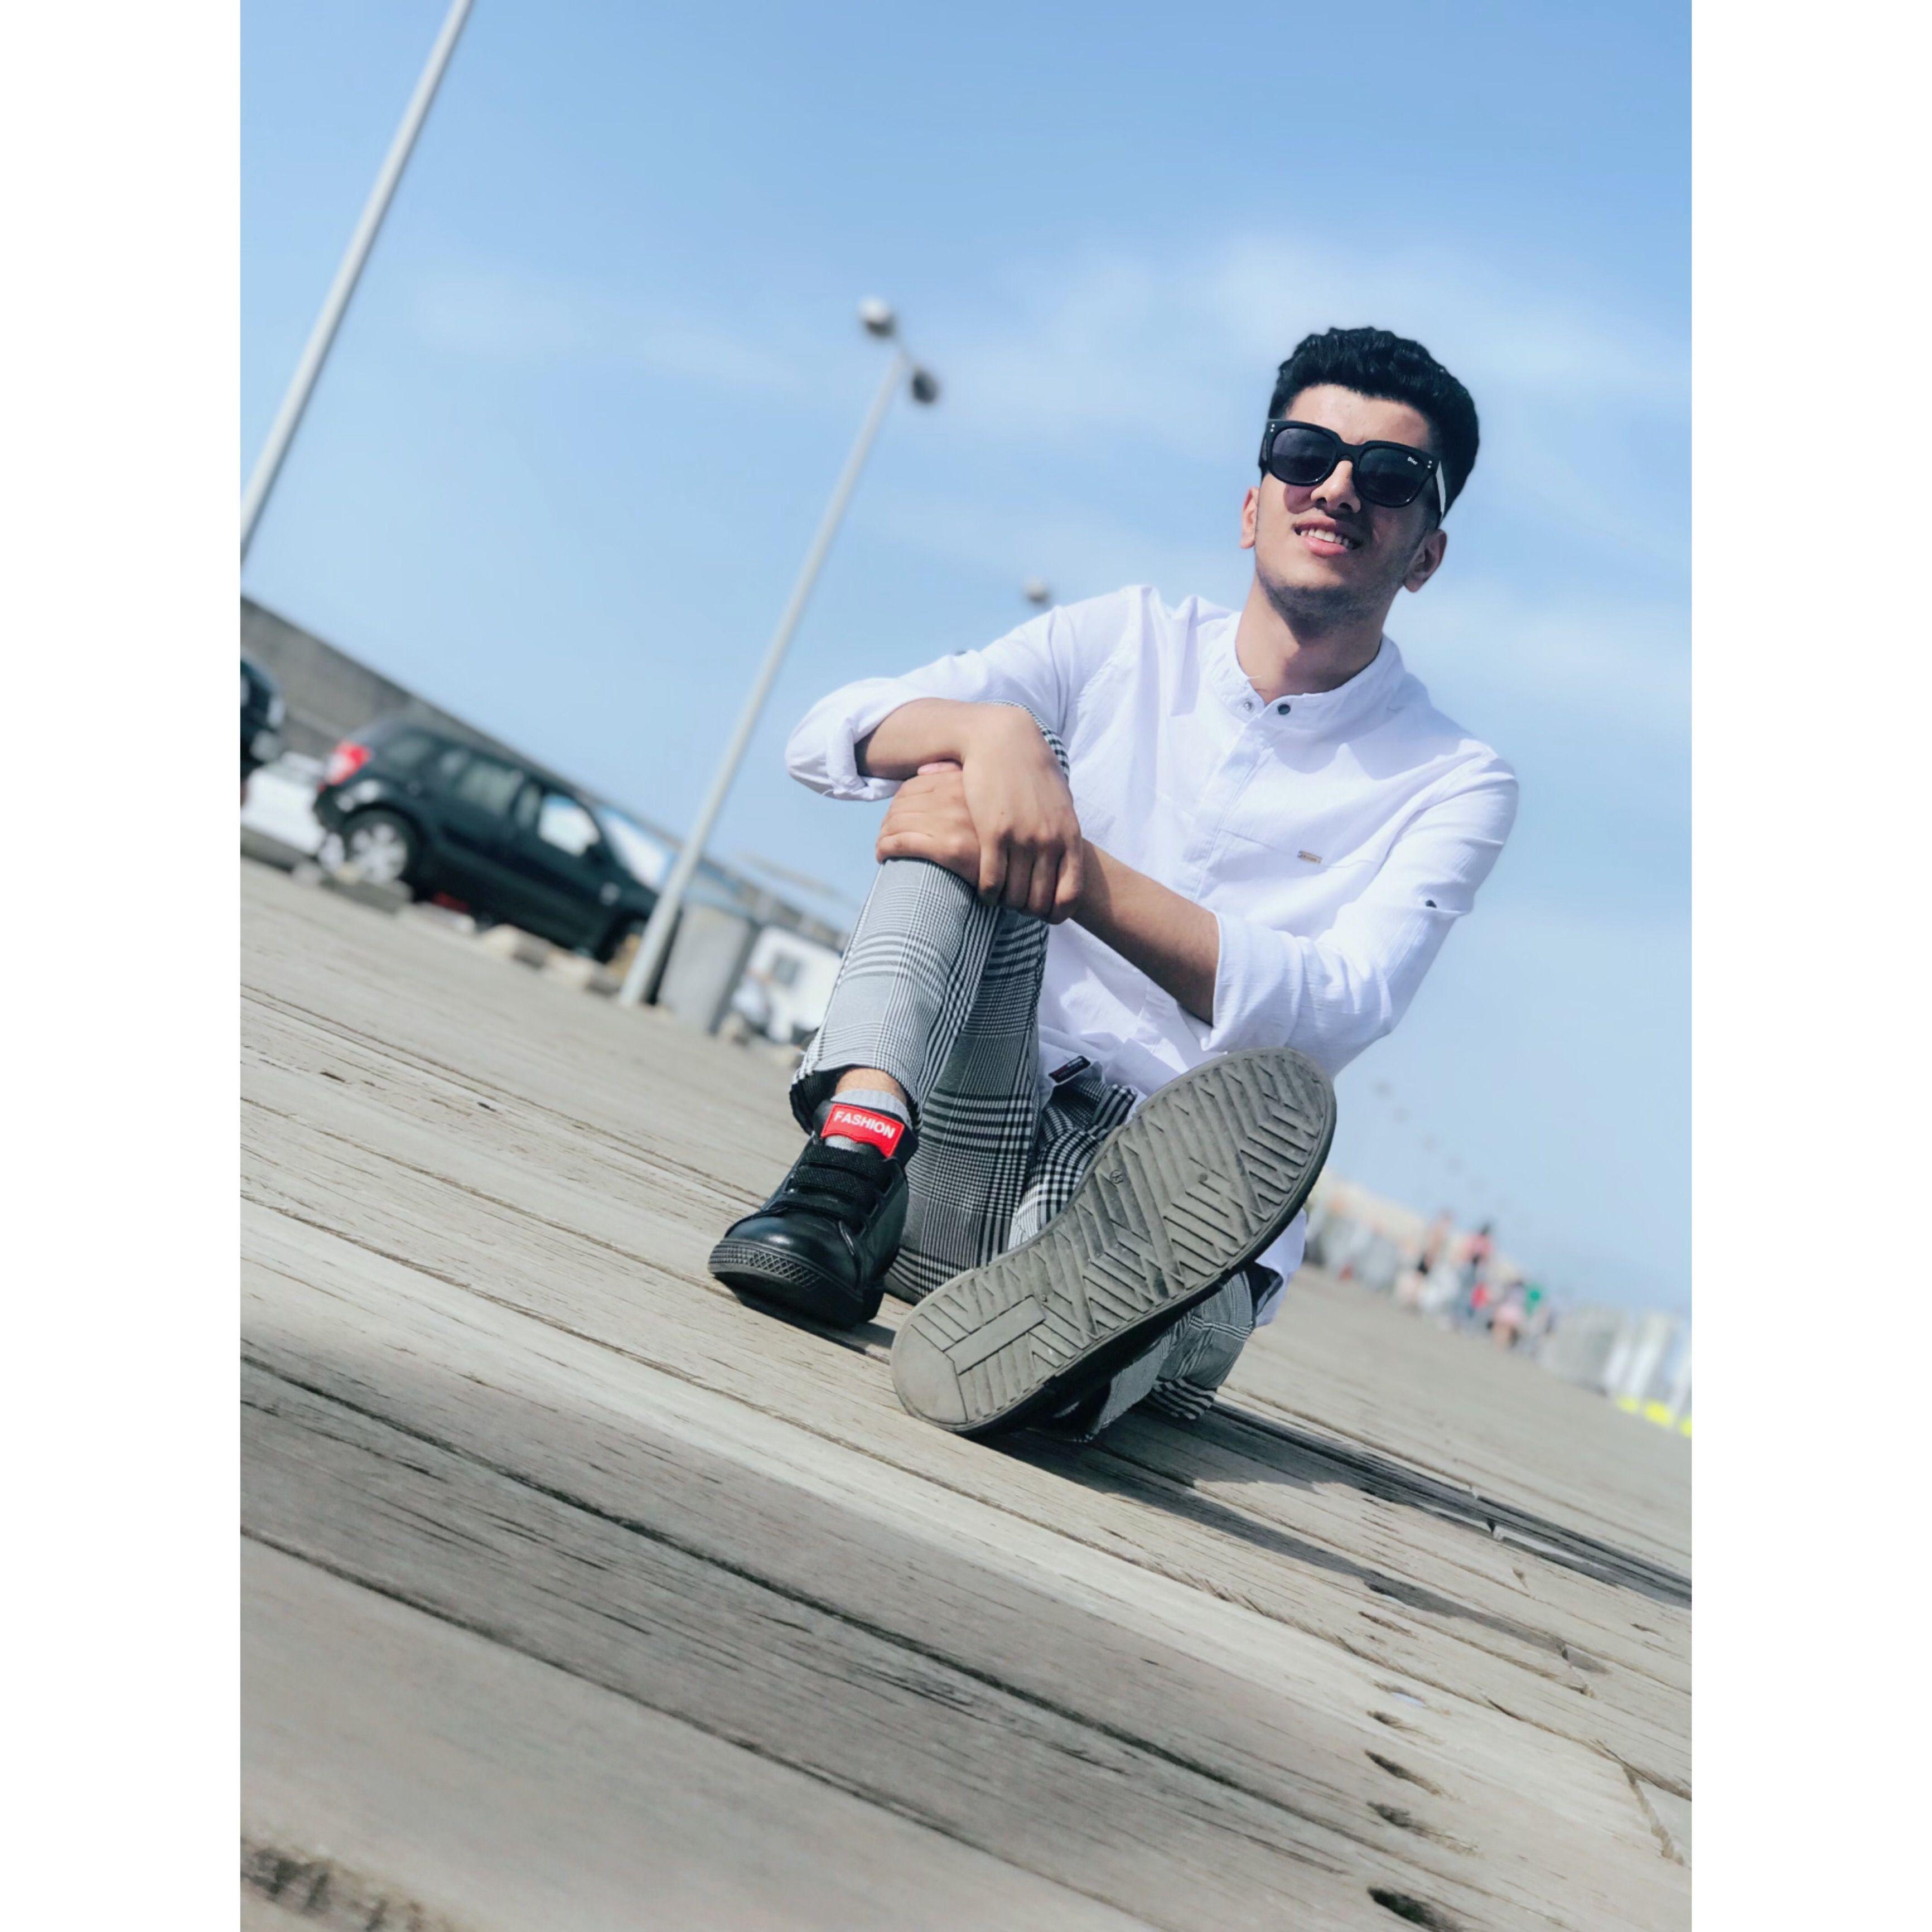 شباب حلوين مزز شباب عراقين شباب كيوت شباب مشهورين